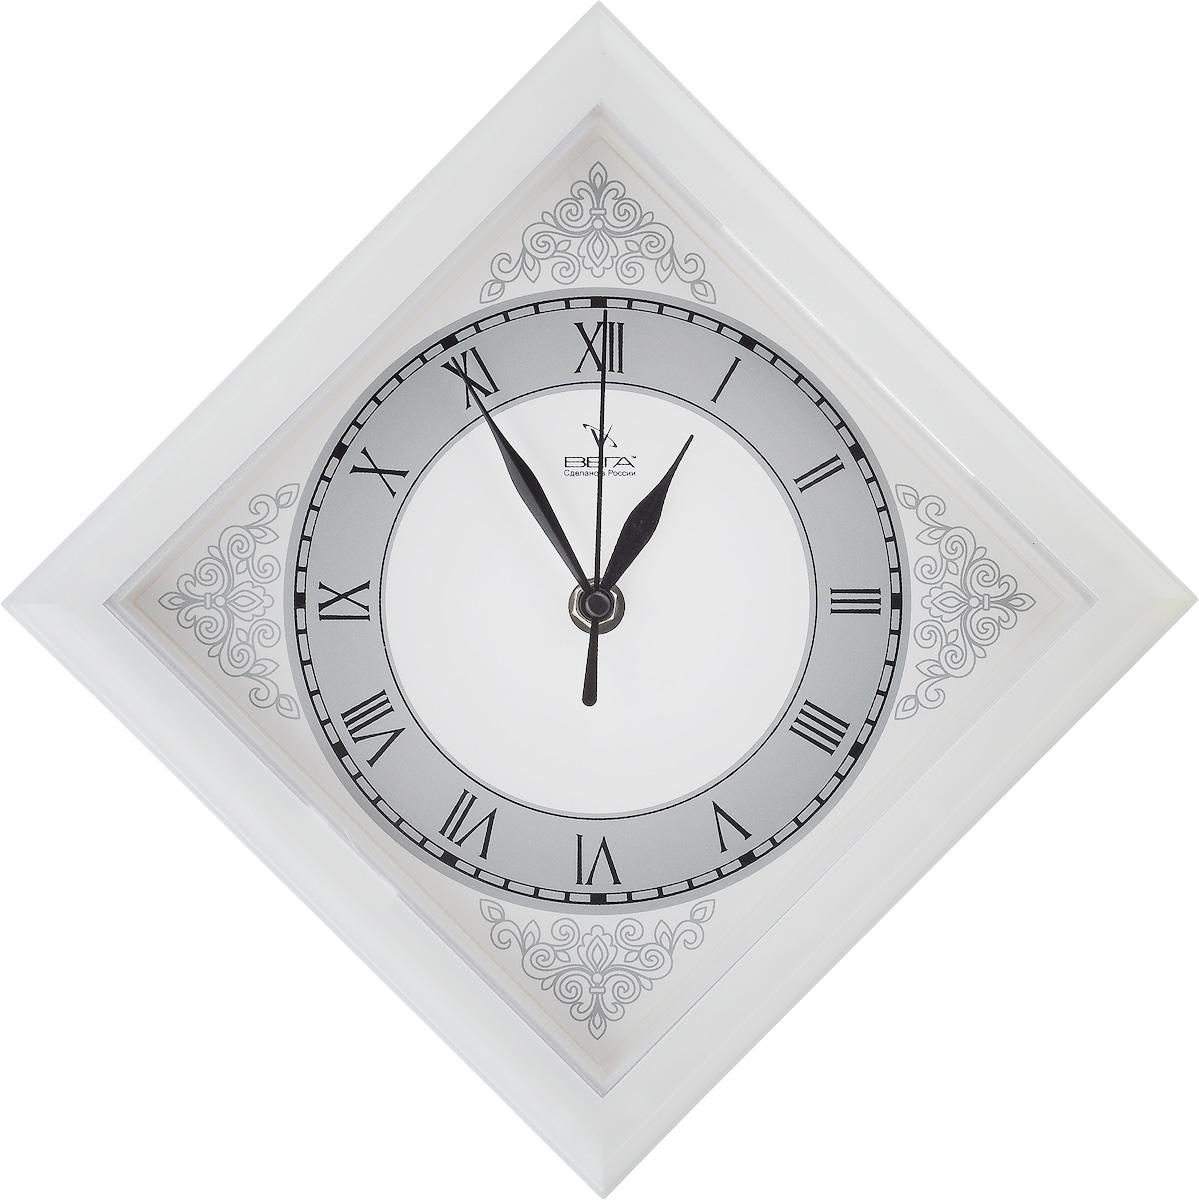 Часы настенные Вега Узоры, 20,6 х 20,6 х 4 смП1-9/6-186Настенные кварцевые часы Вега Узоры в классическом дизайне, изготовленные из пластика, прекрасно впишутся в интерьер вашего дома. Часы имеют три стрелки: часовую, минутную и секундную, циферблат защищен прозрачным пластиком. Часы работают от 1 батарейки типа АА напряжением 1,5 В (не входит в комплект).